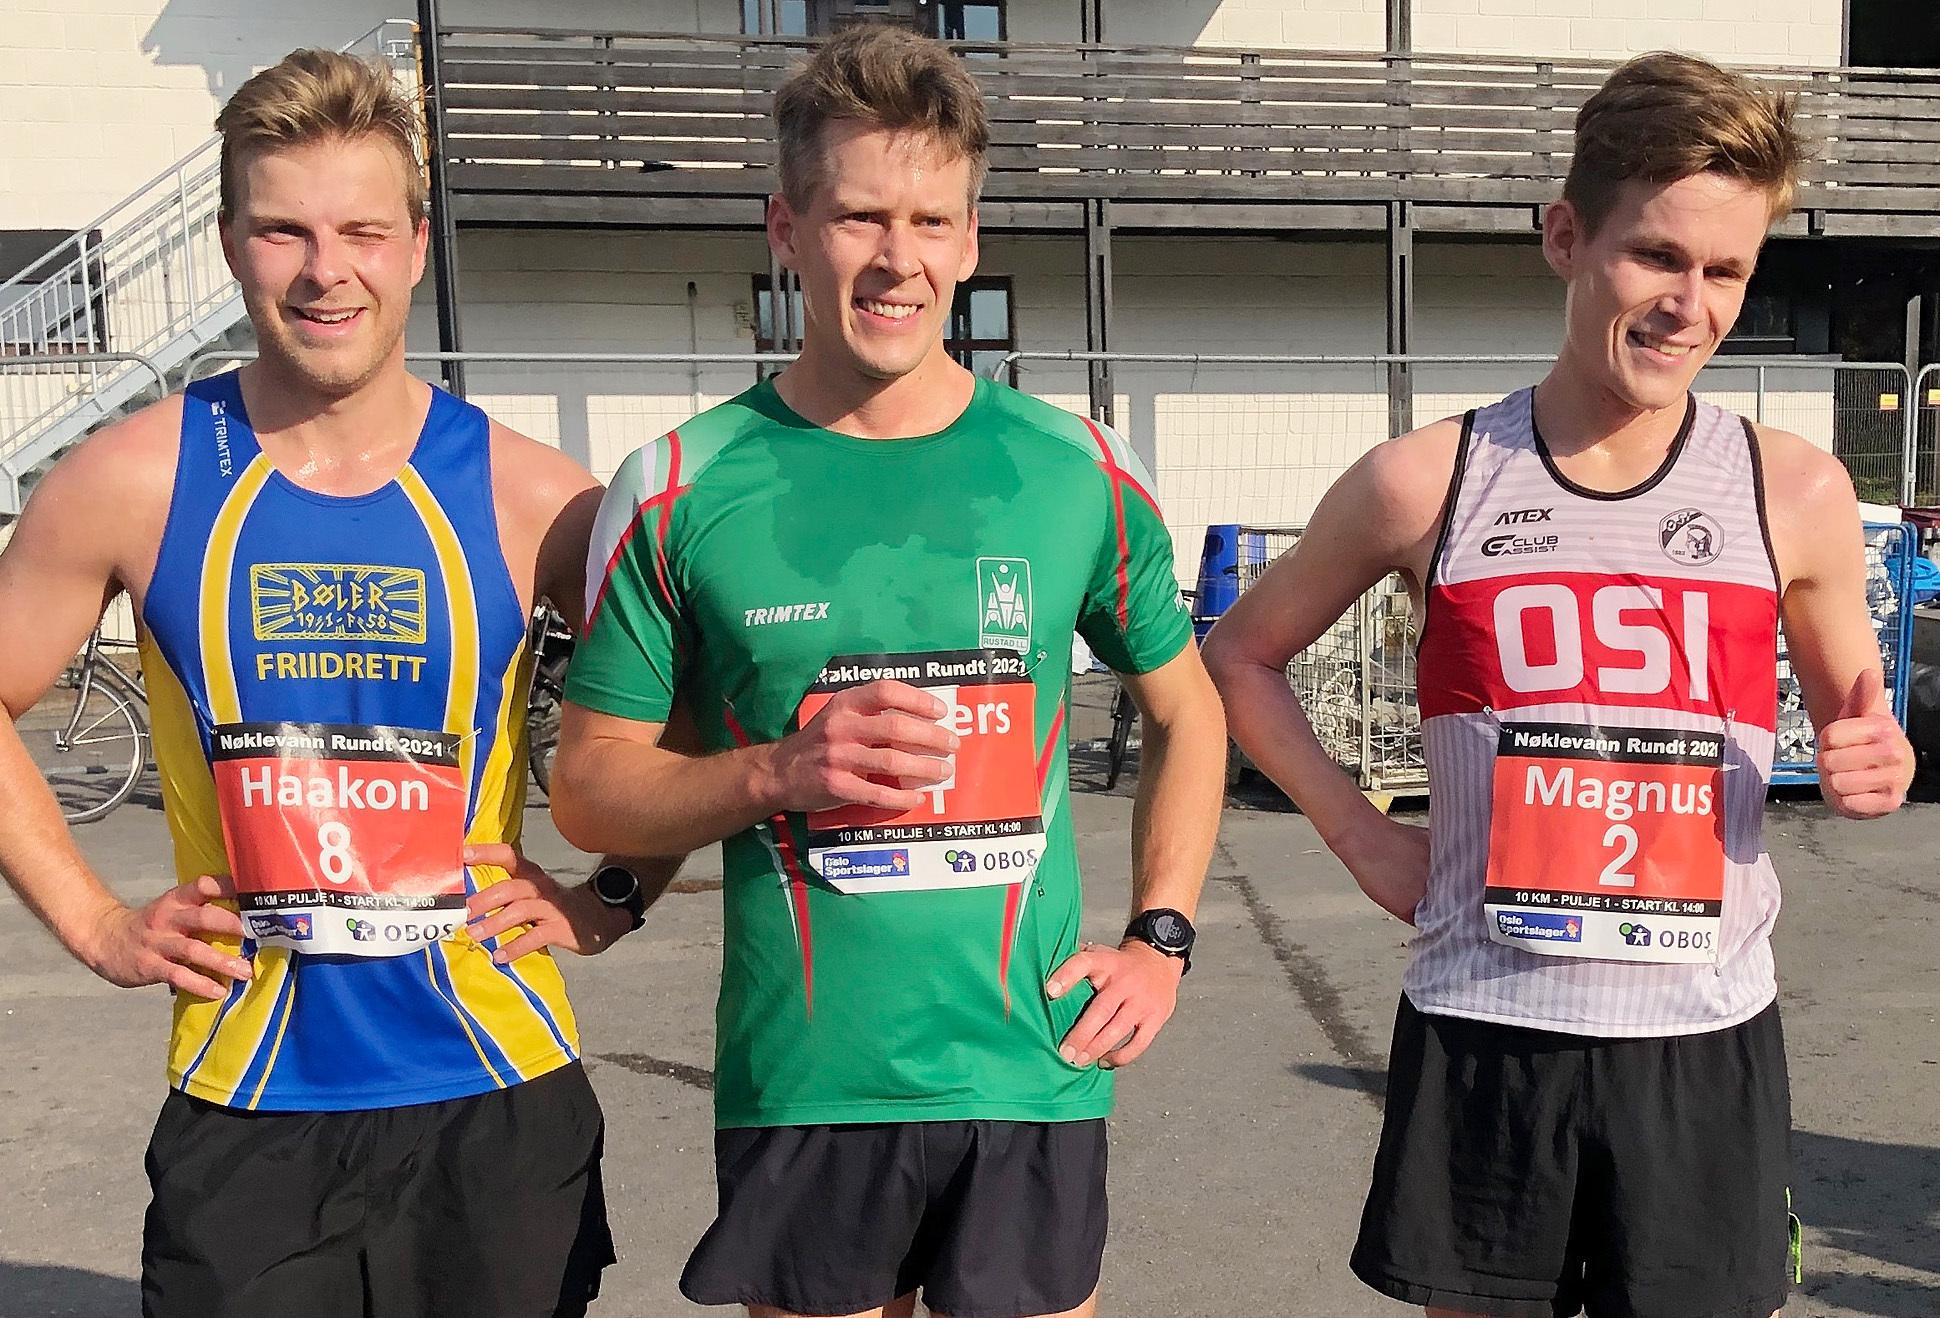 10km-3-beste-herrer_foto_Trond_Olav_Berg.jpg